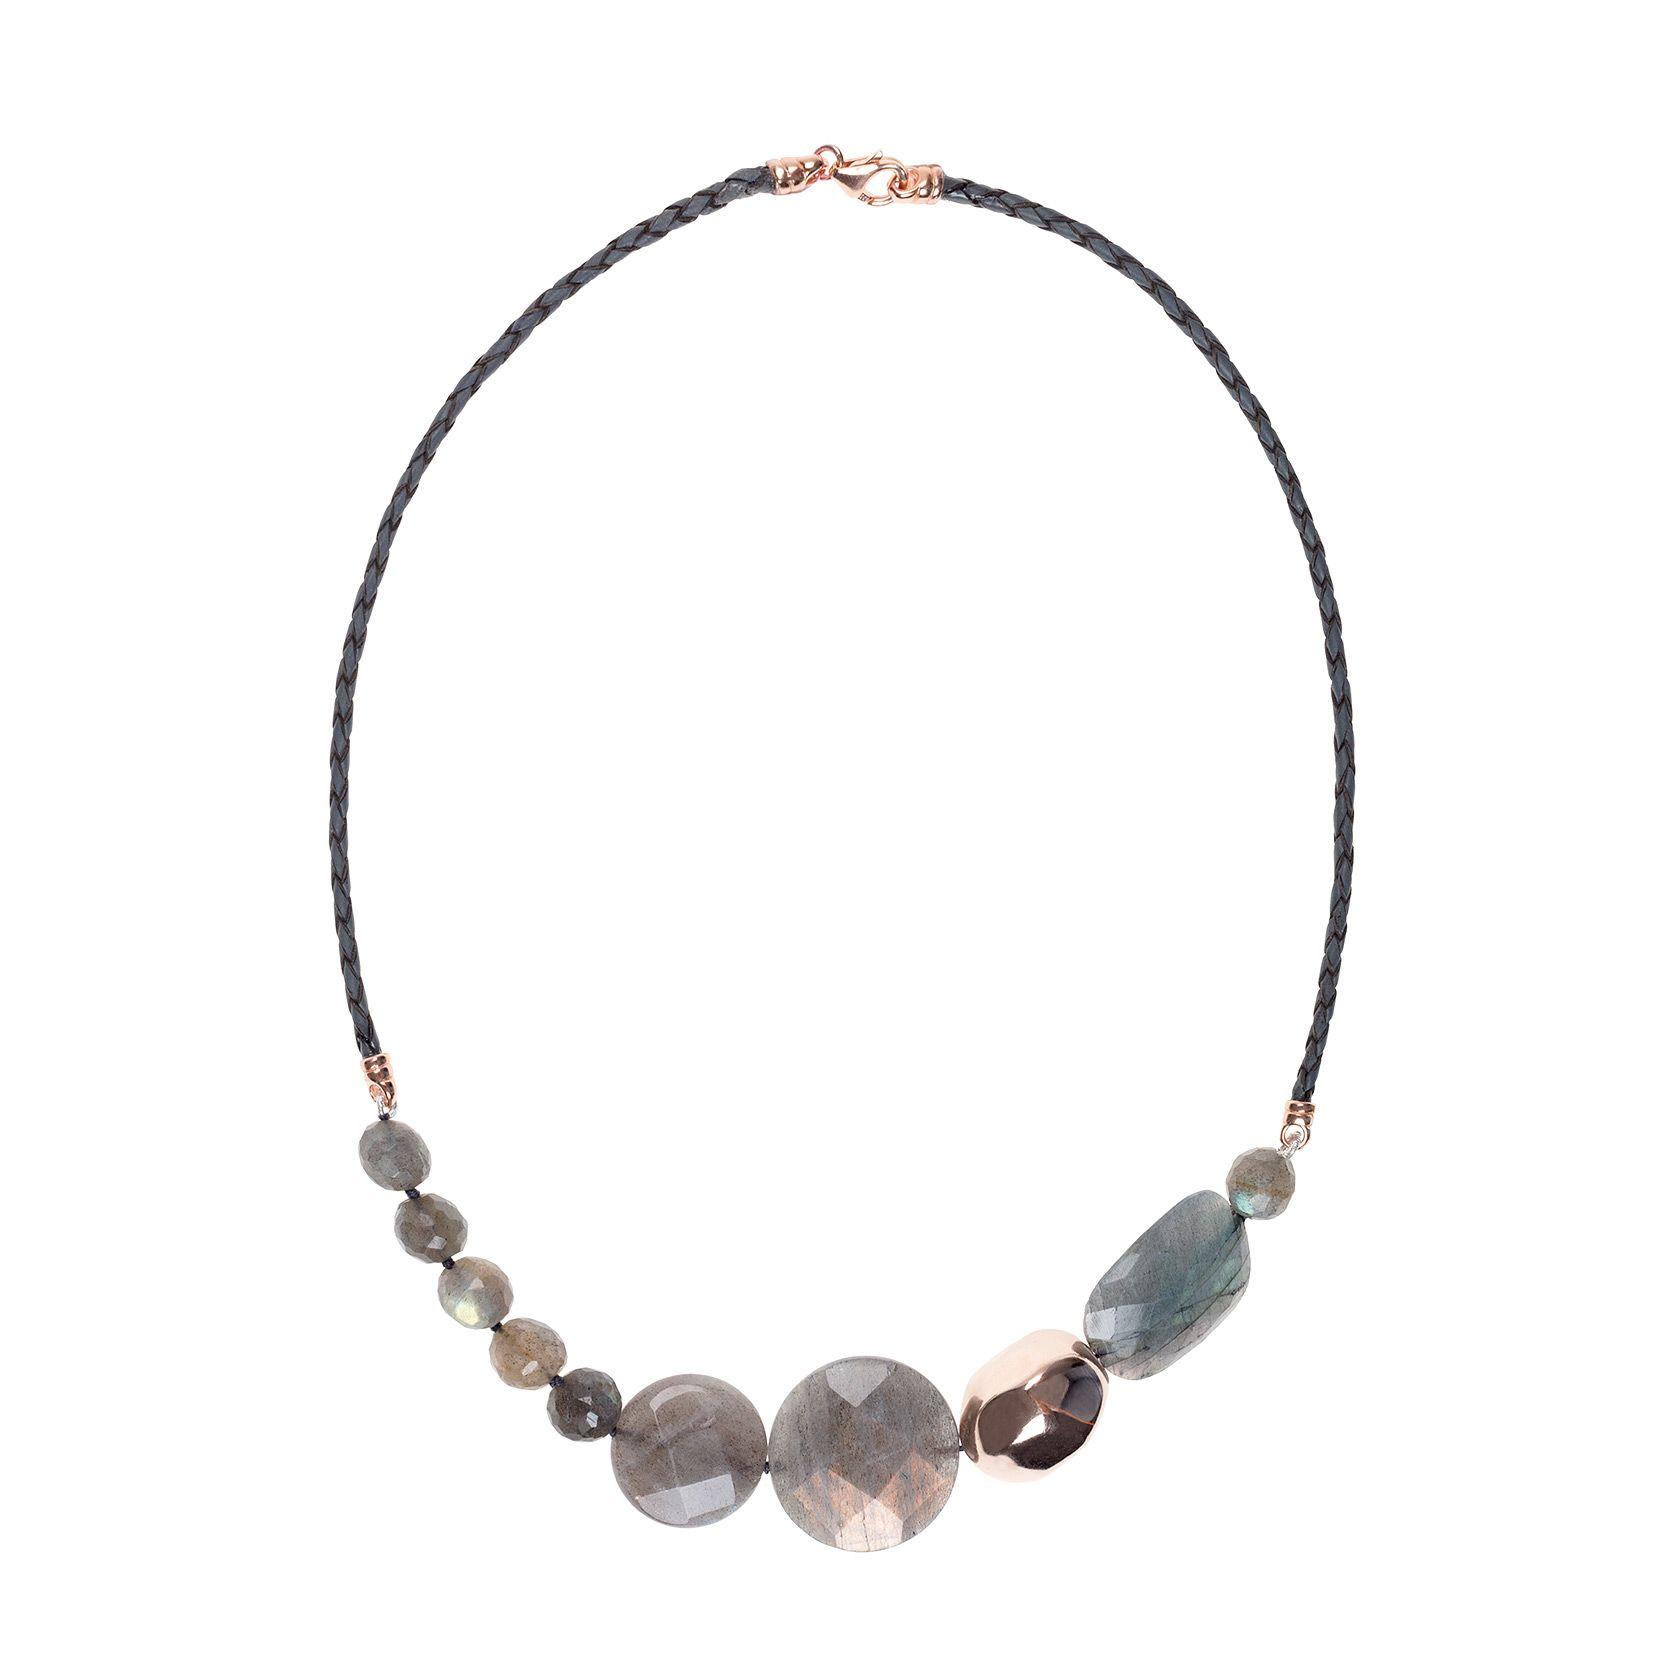 2e685b828ada Collar Lunaria de cuero natural trenzado y labradorita. Las entrepiezas y  el cierre son de